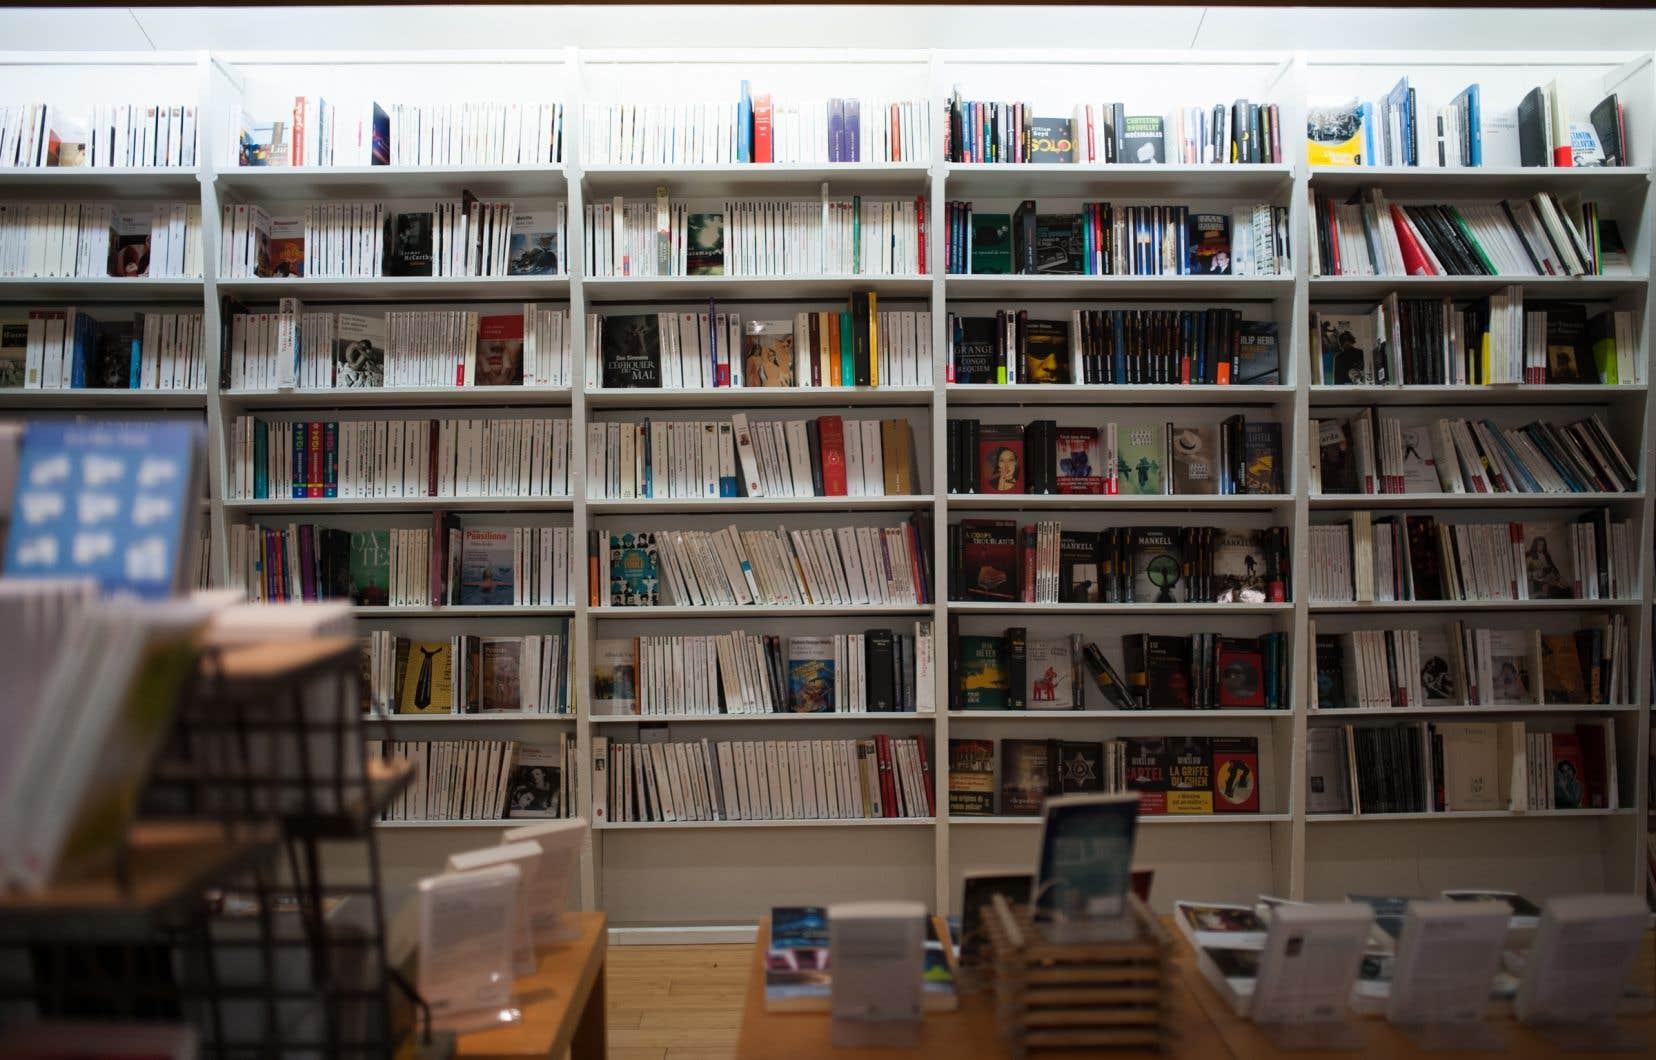 Les ventes totales de livres le 12 août ont augmenté de 175% par rapport à une journée normale de la période estivale.